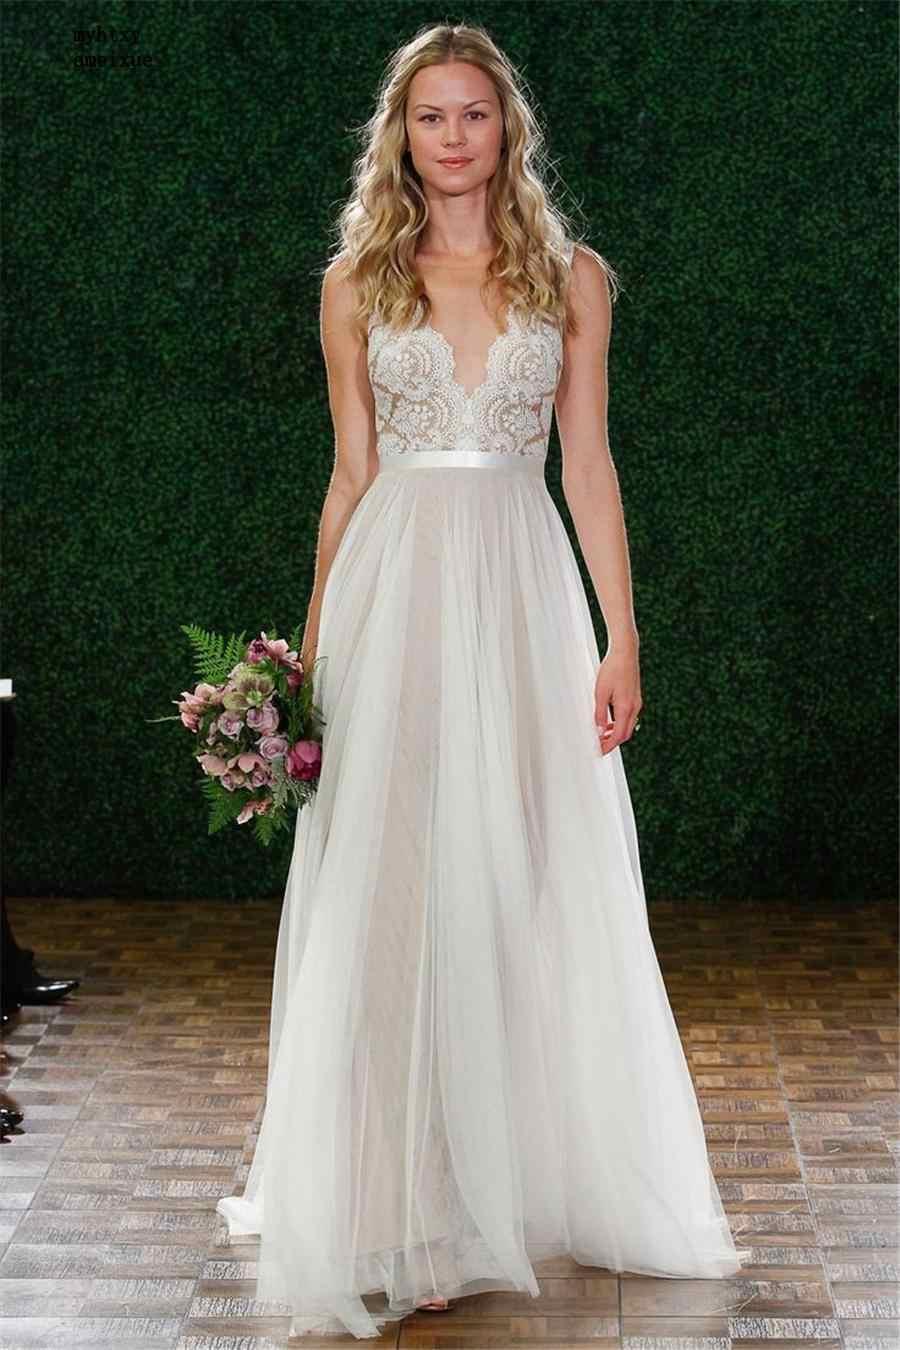 V-צוואר תחרה & טול ארוך חוף שרוולים הכלה שמלת אשליה חזרה כפתורים זול בתוספת גודל חתונה שמלת Vestido דה Noiva קו